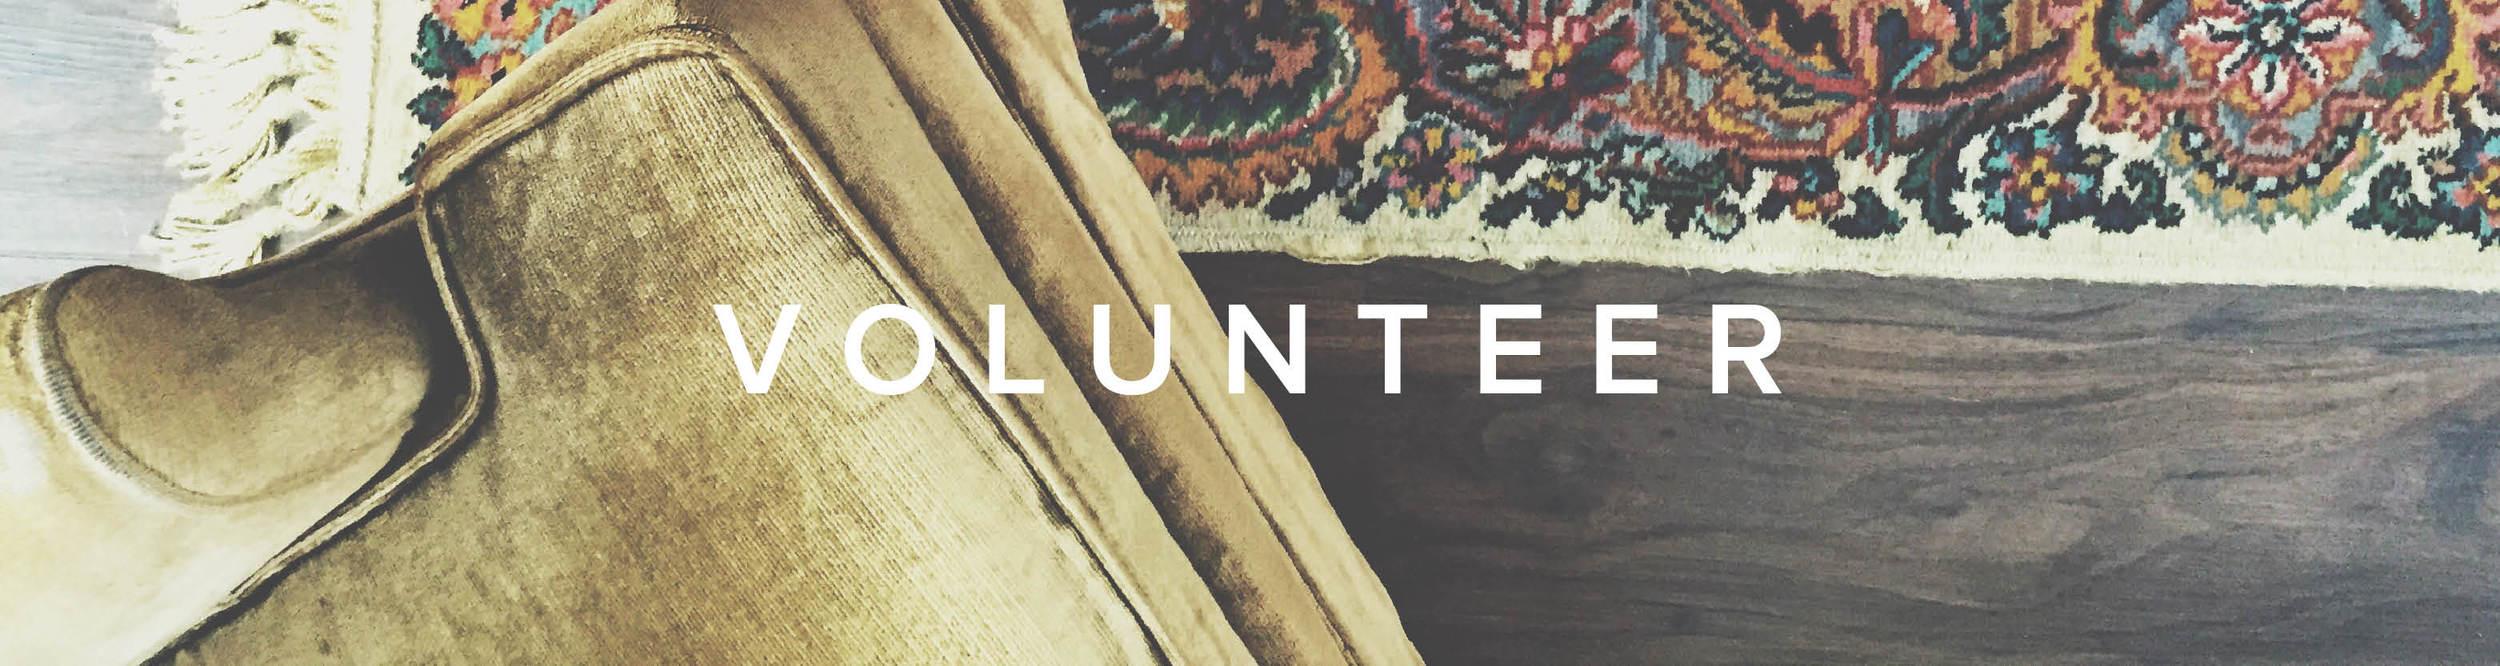 volunteer_narrow.jpg